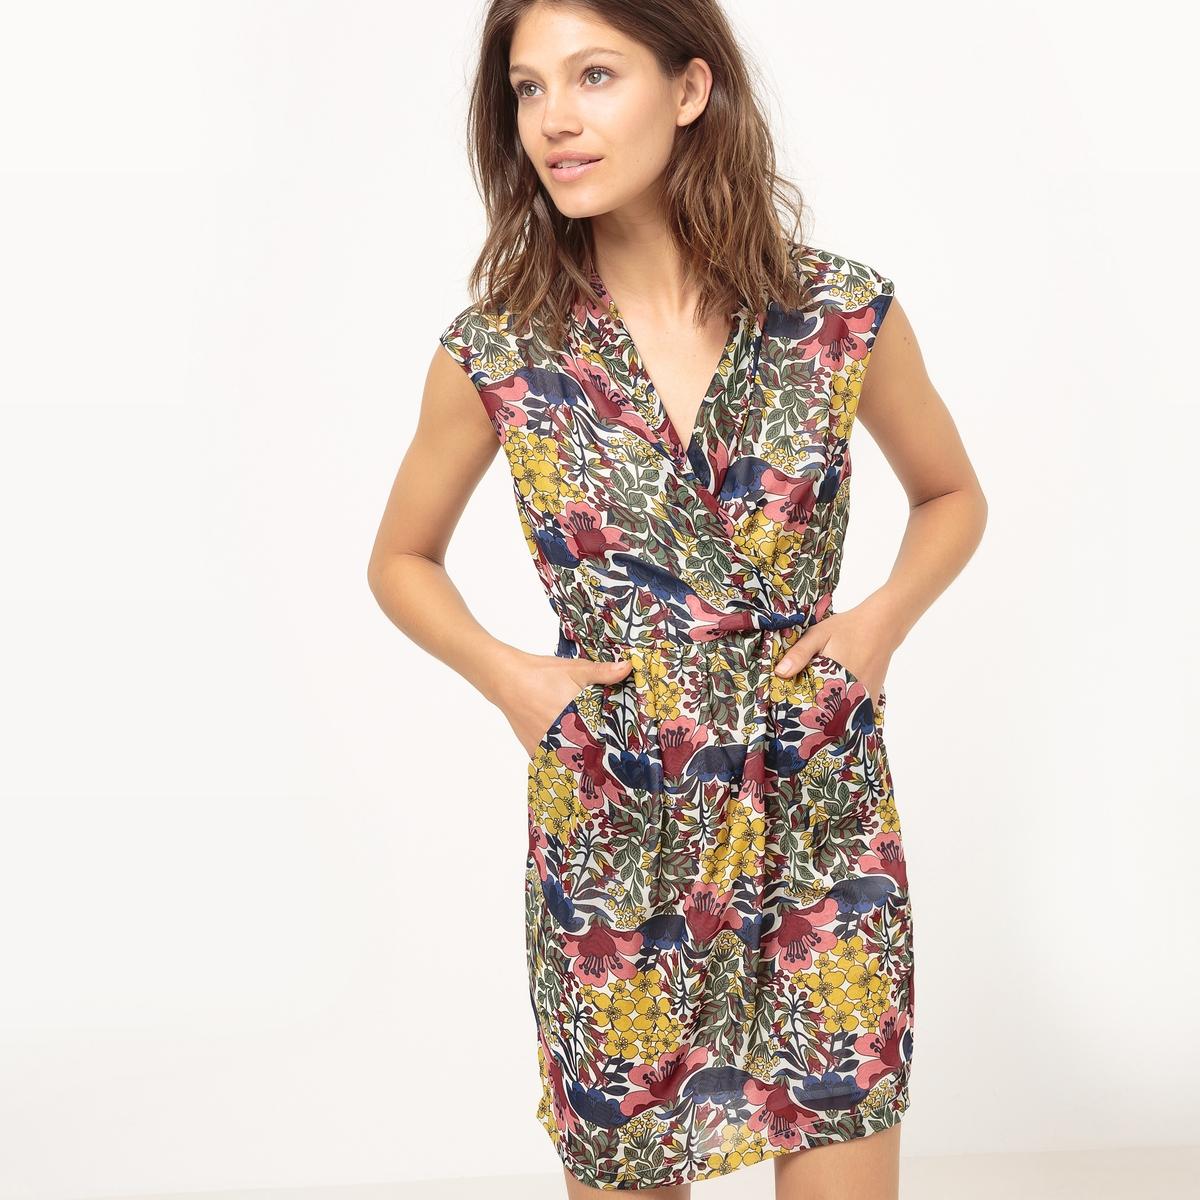 Платье без рукавов с экзотическим рисункомМатериал : 100% полиэстер  Длина рукава : Короткие рукава  Форма воротника : V-образный вырез Покрой платья : платье облегающего покроя Рисунок : принт.   Длина платья : короткое.<br><br>Цвет: рисунок/хаки